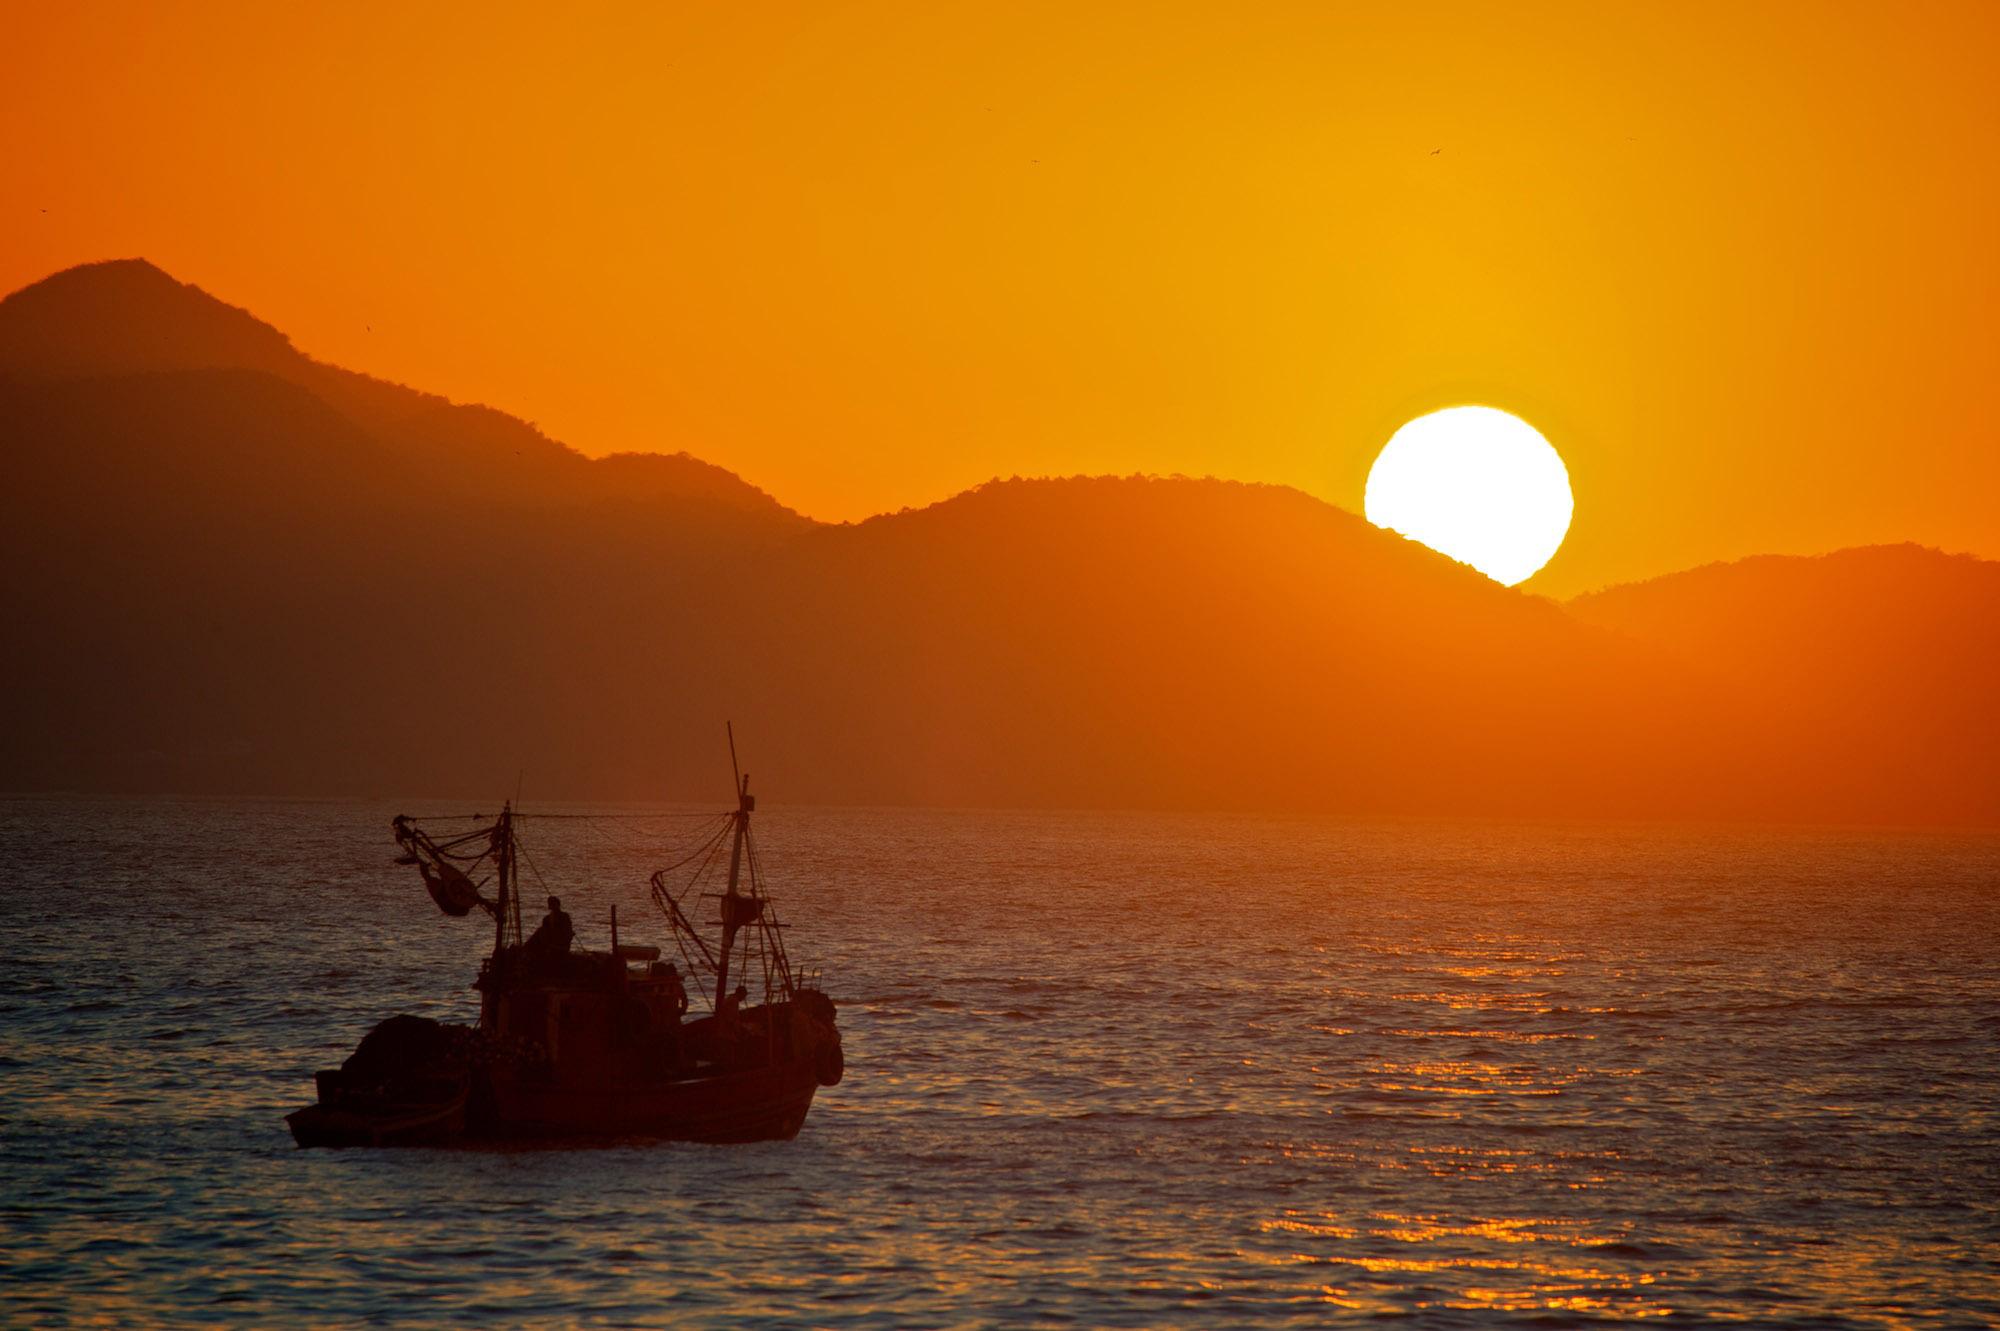 Фотографии китай корабль море закат